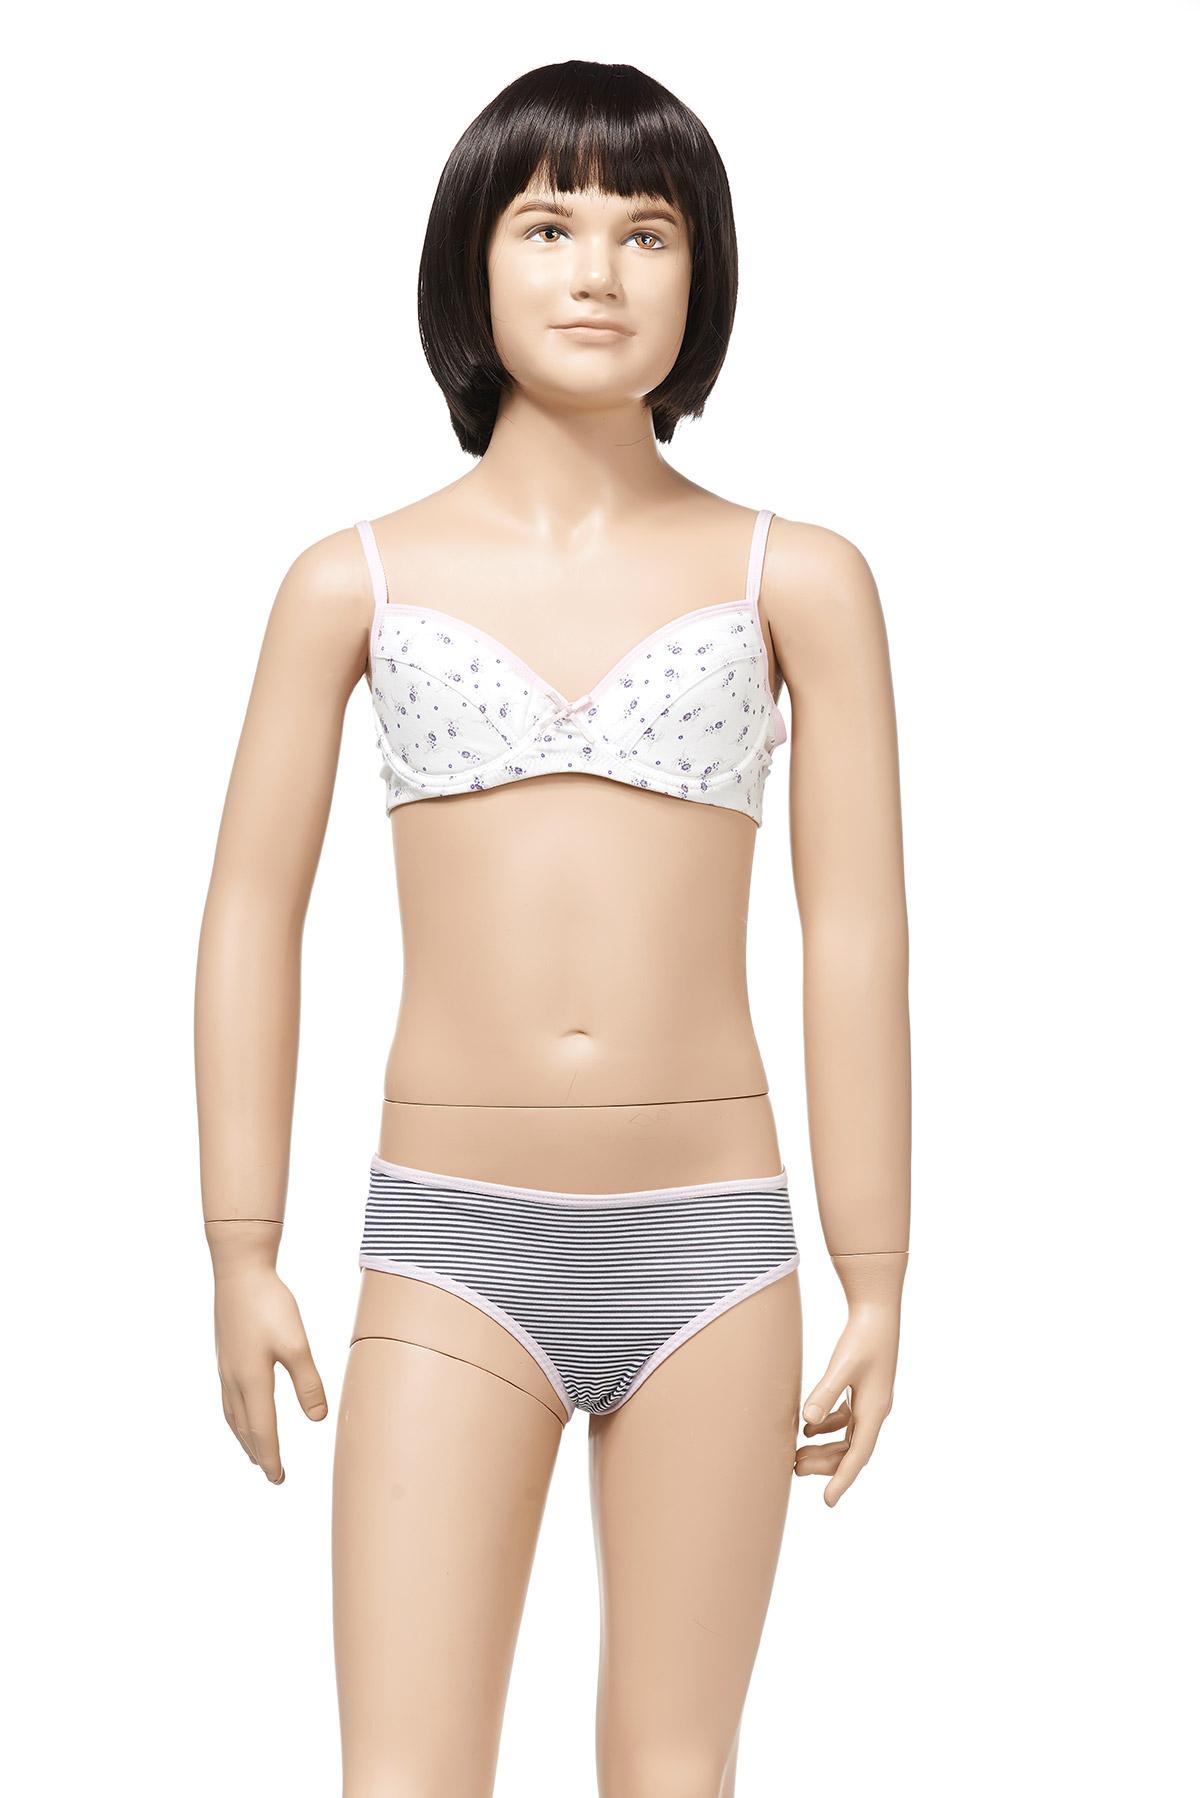 بالصور ملابس داخلية للبنات , اجمل الملابس الداخلية 2558 8